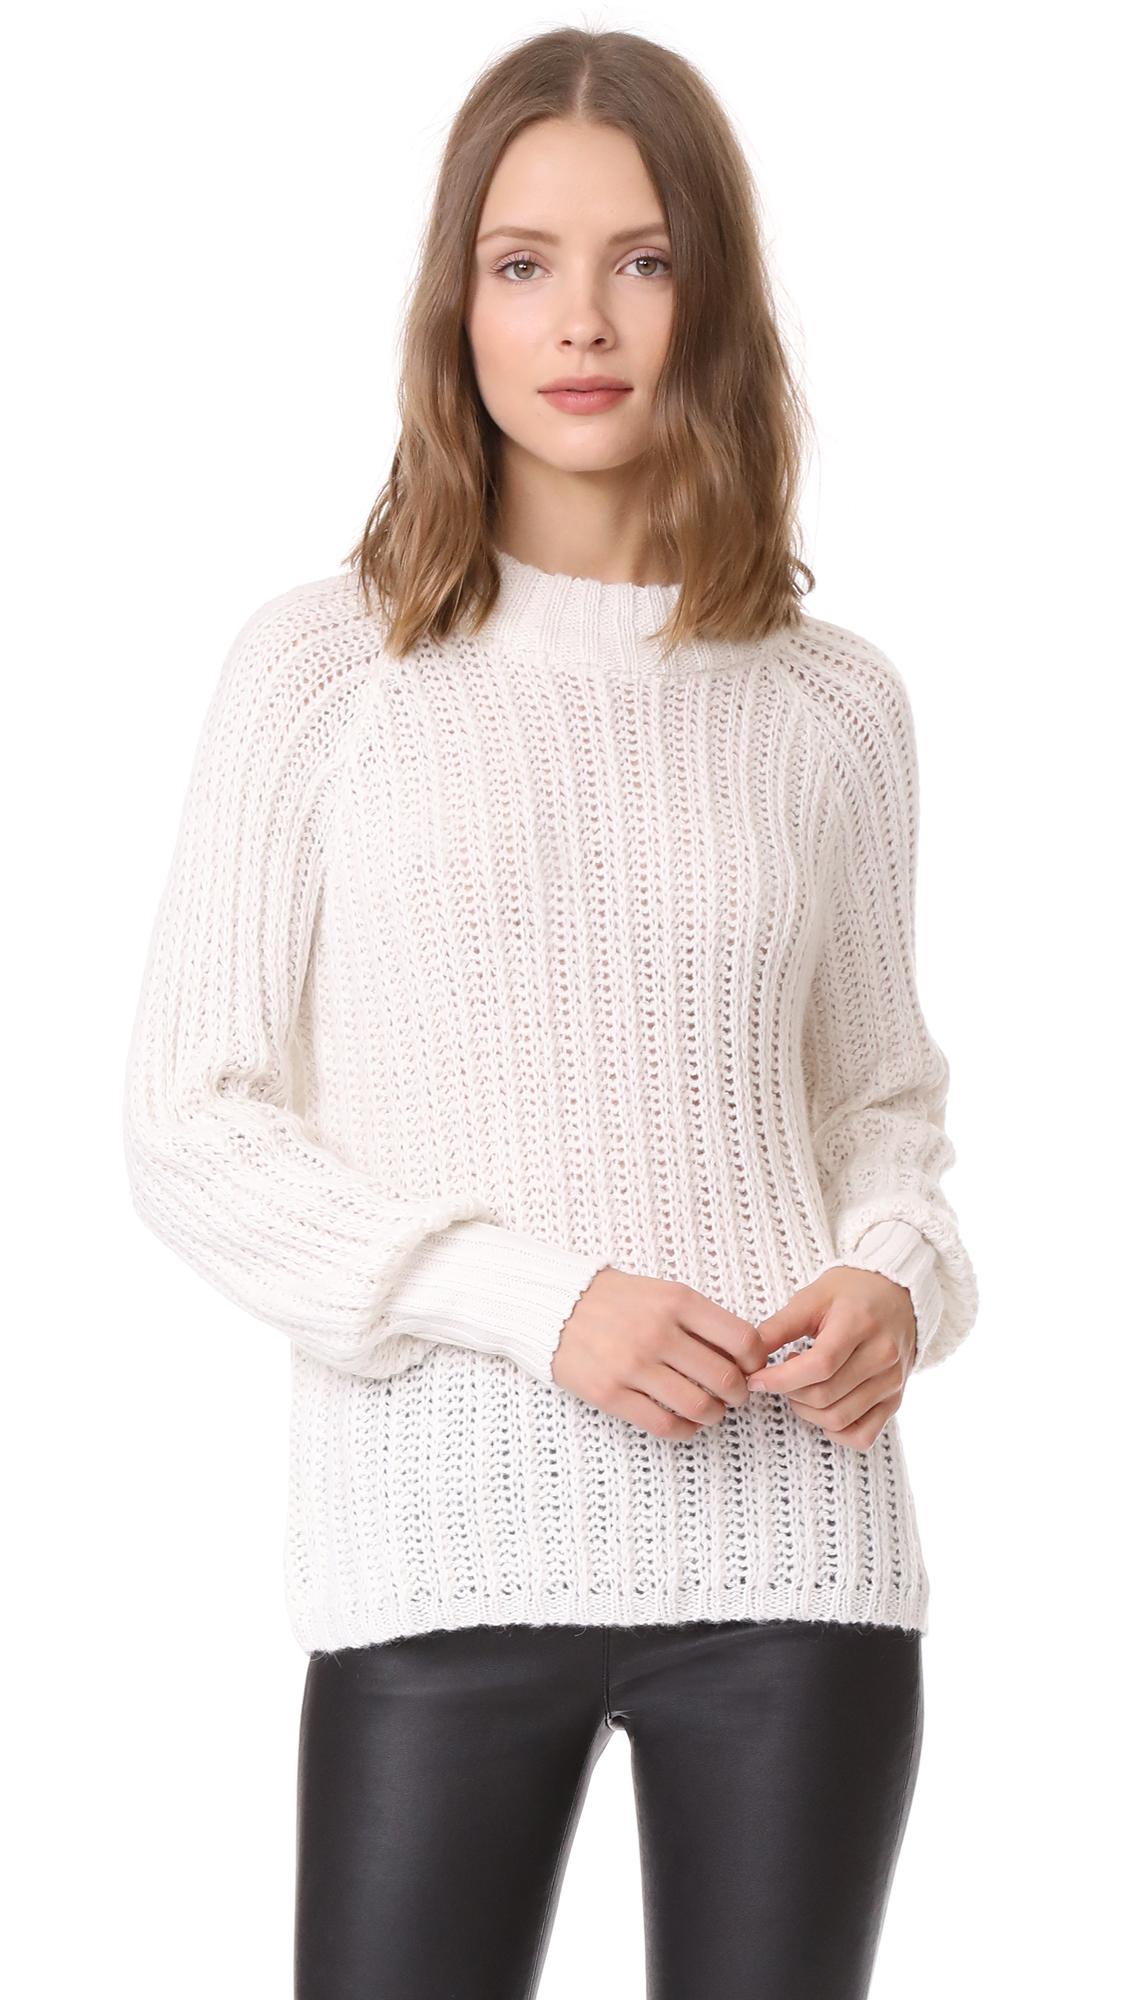 ANINE BING Beige Open Weave Summer Knit - Beige